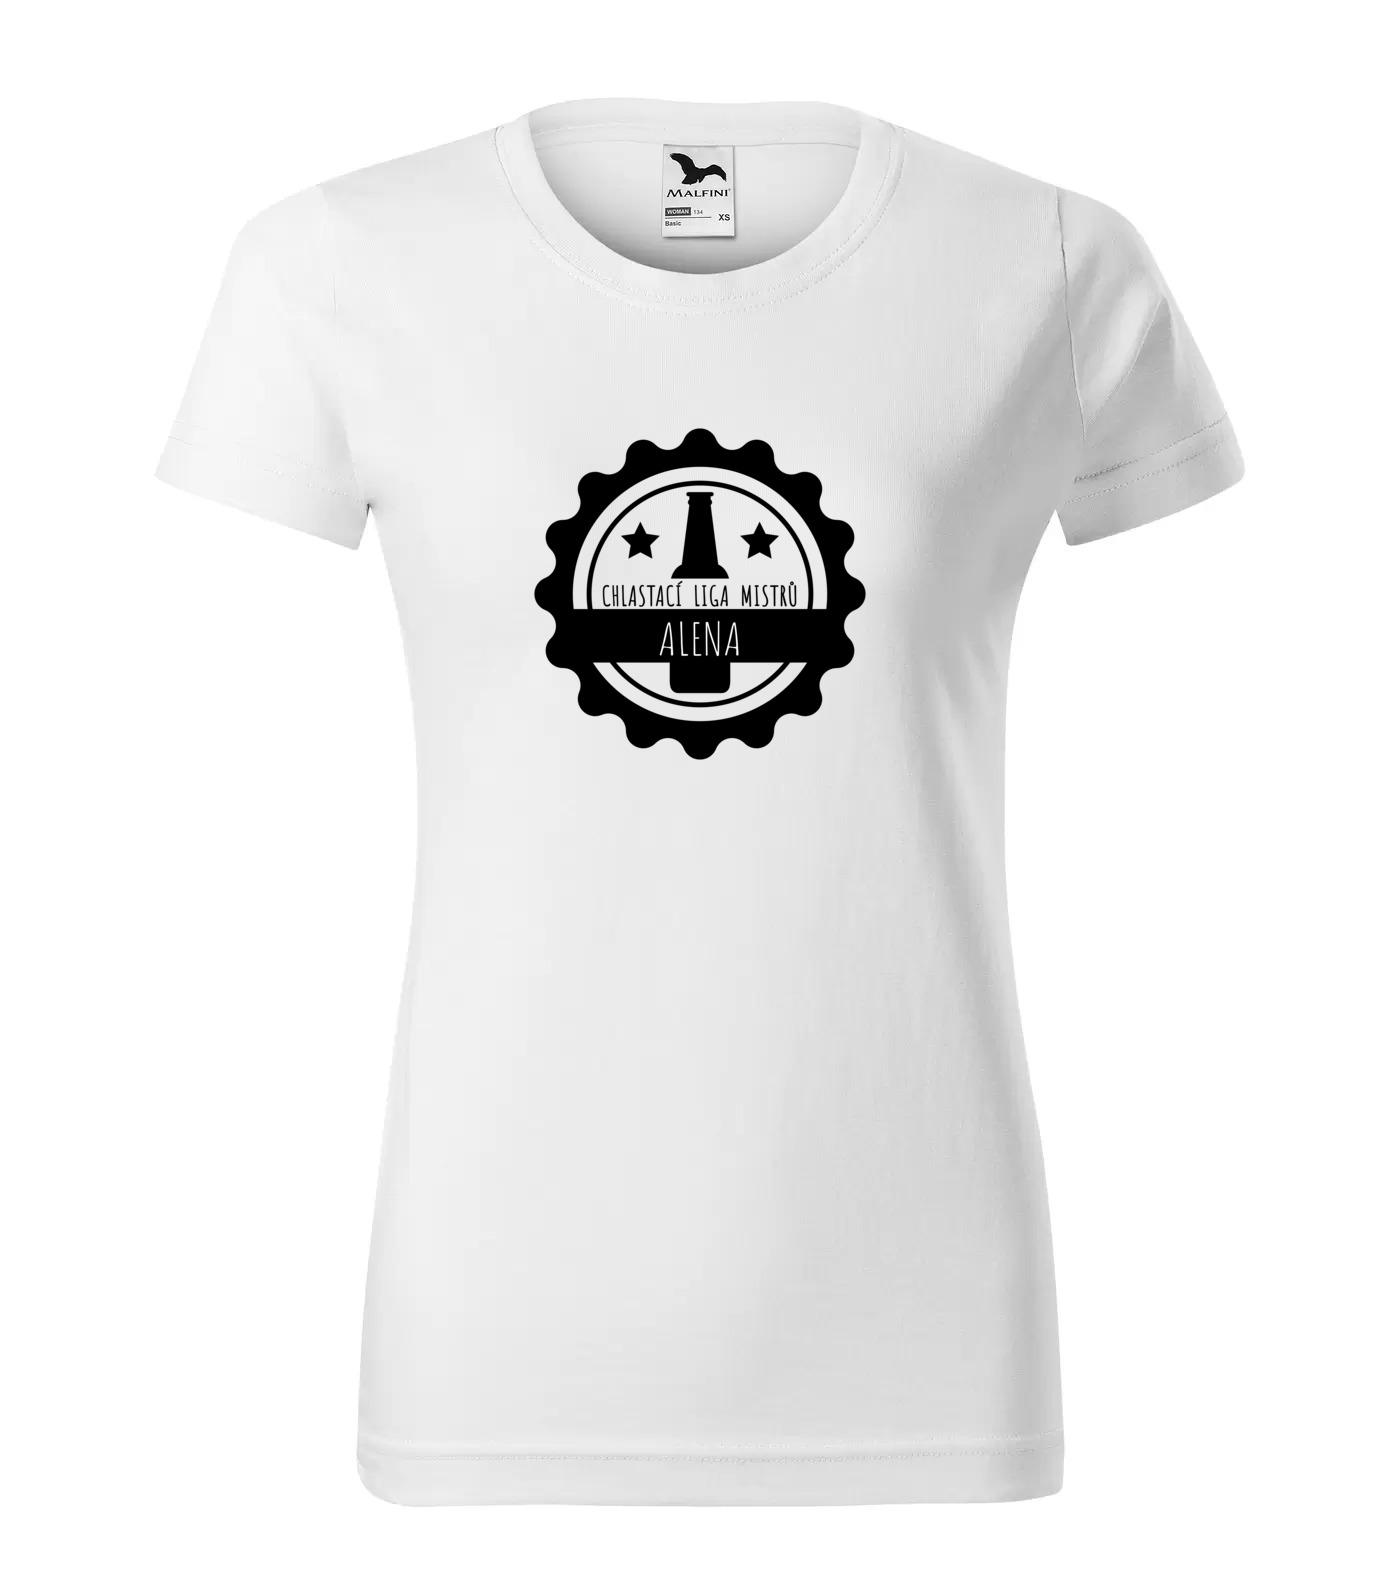 Tričko Chlastací liga žen Alena